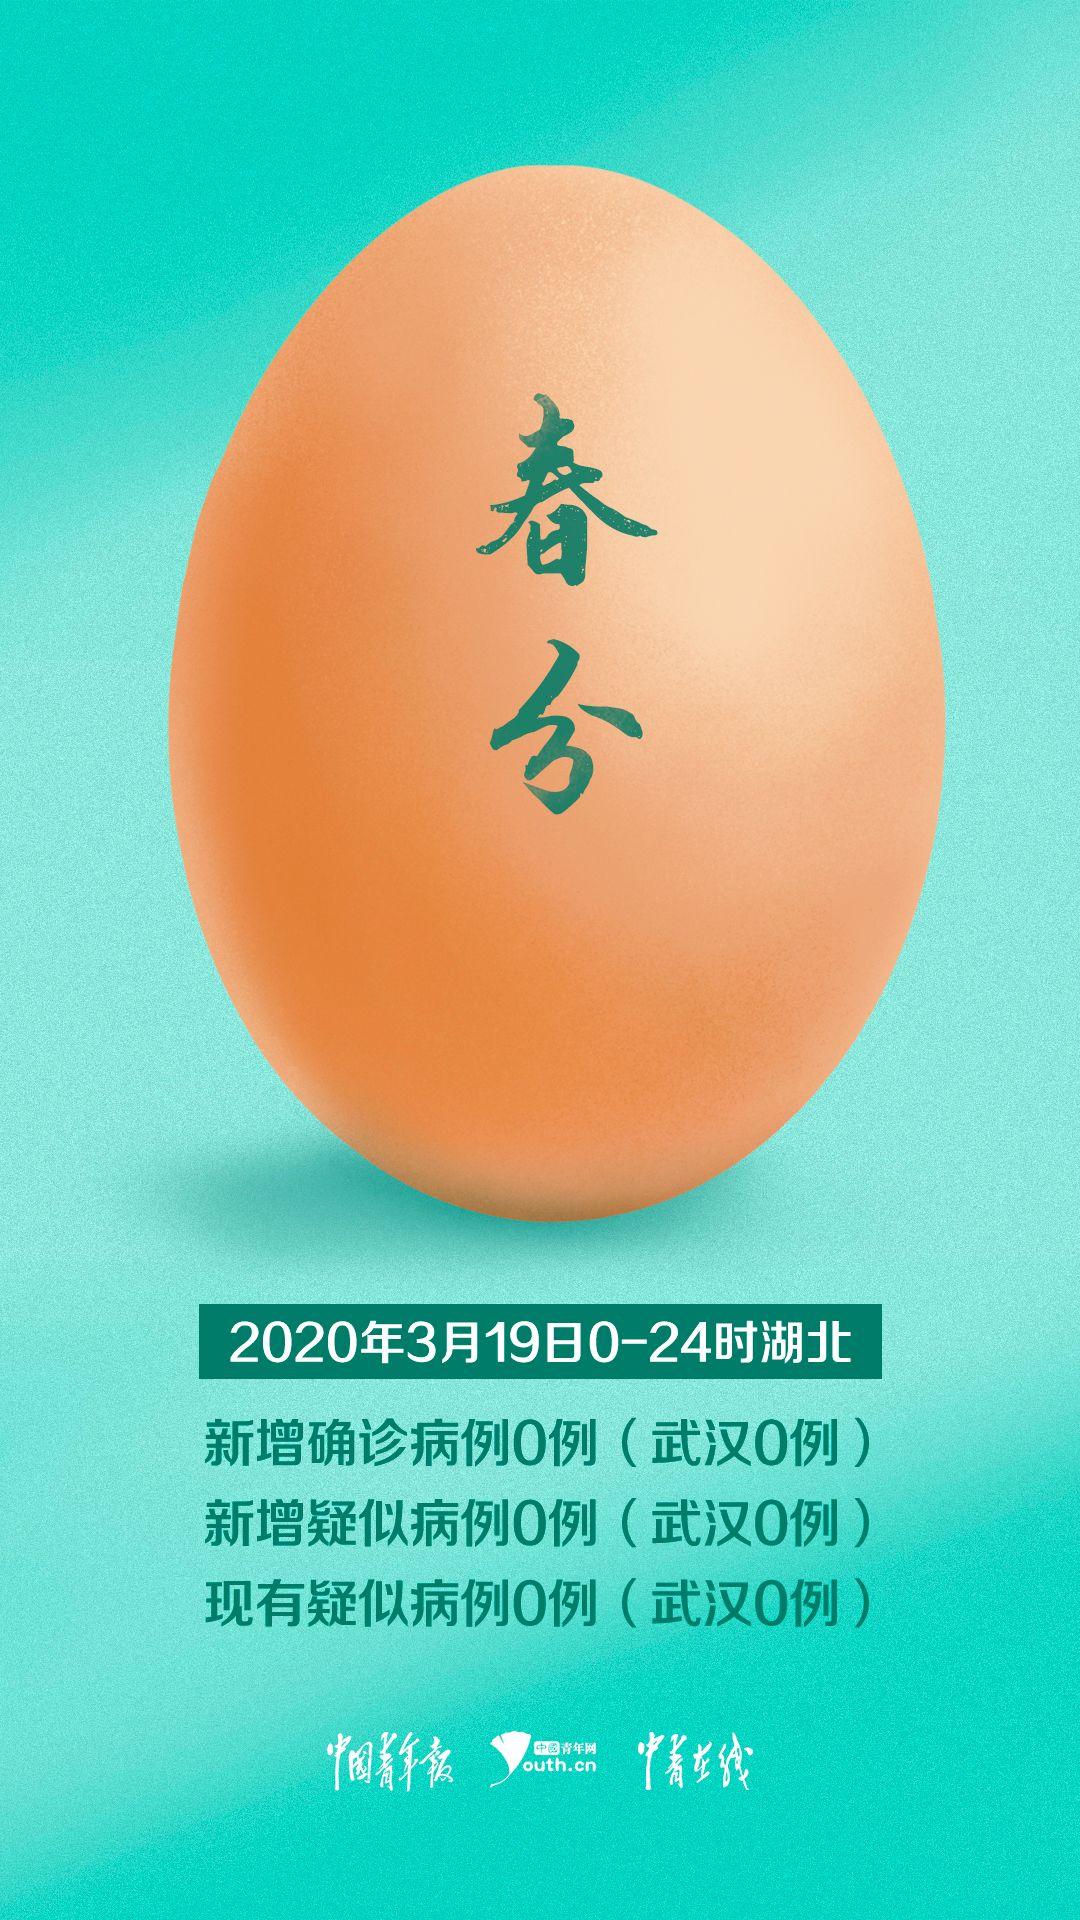 制图:中国青年报程璨